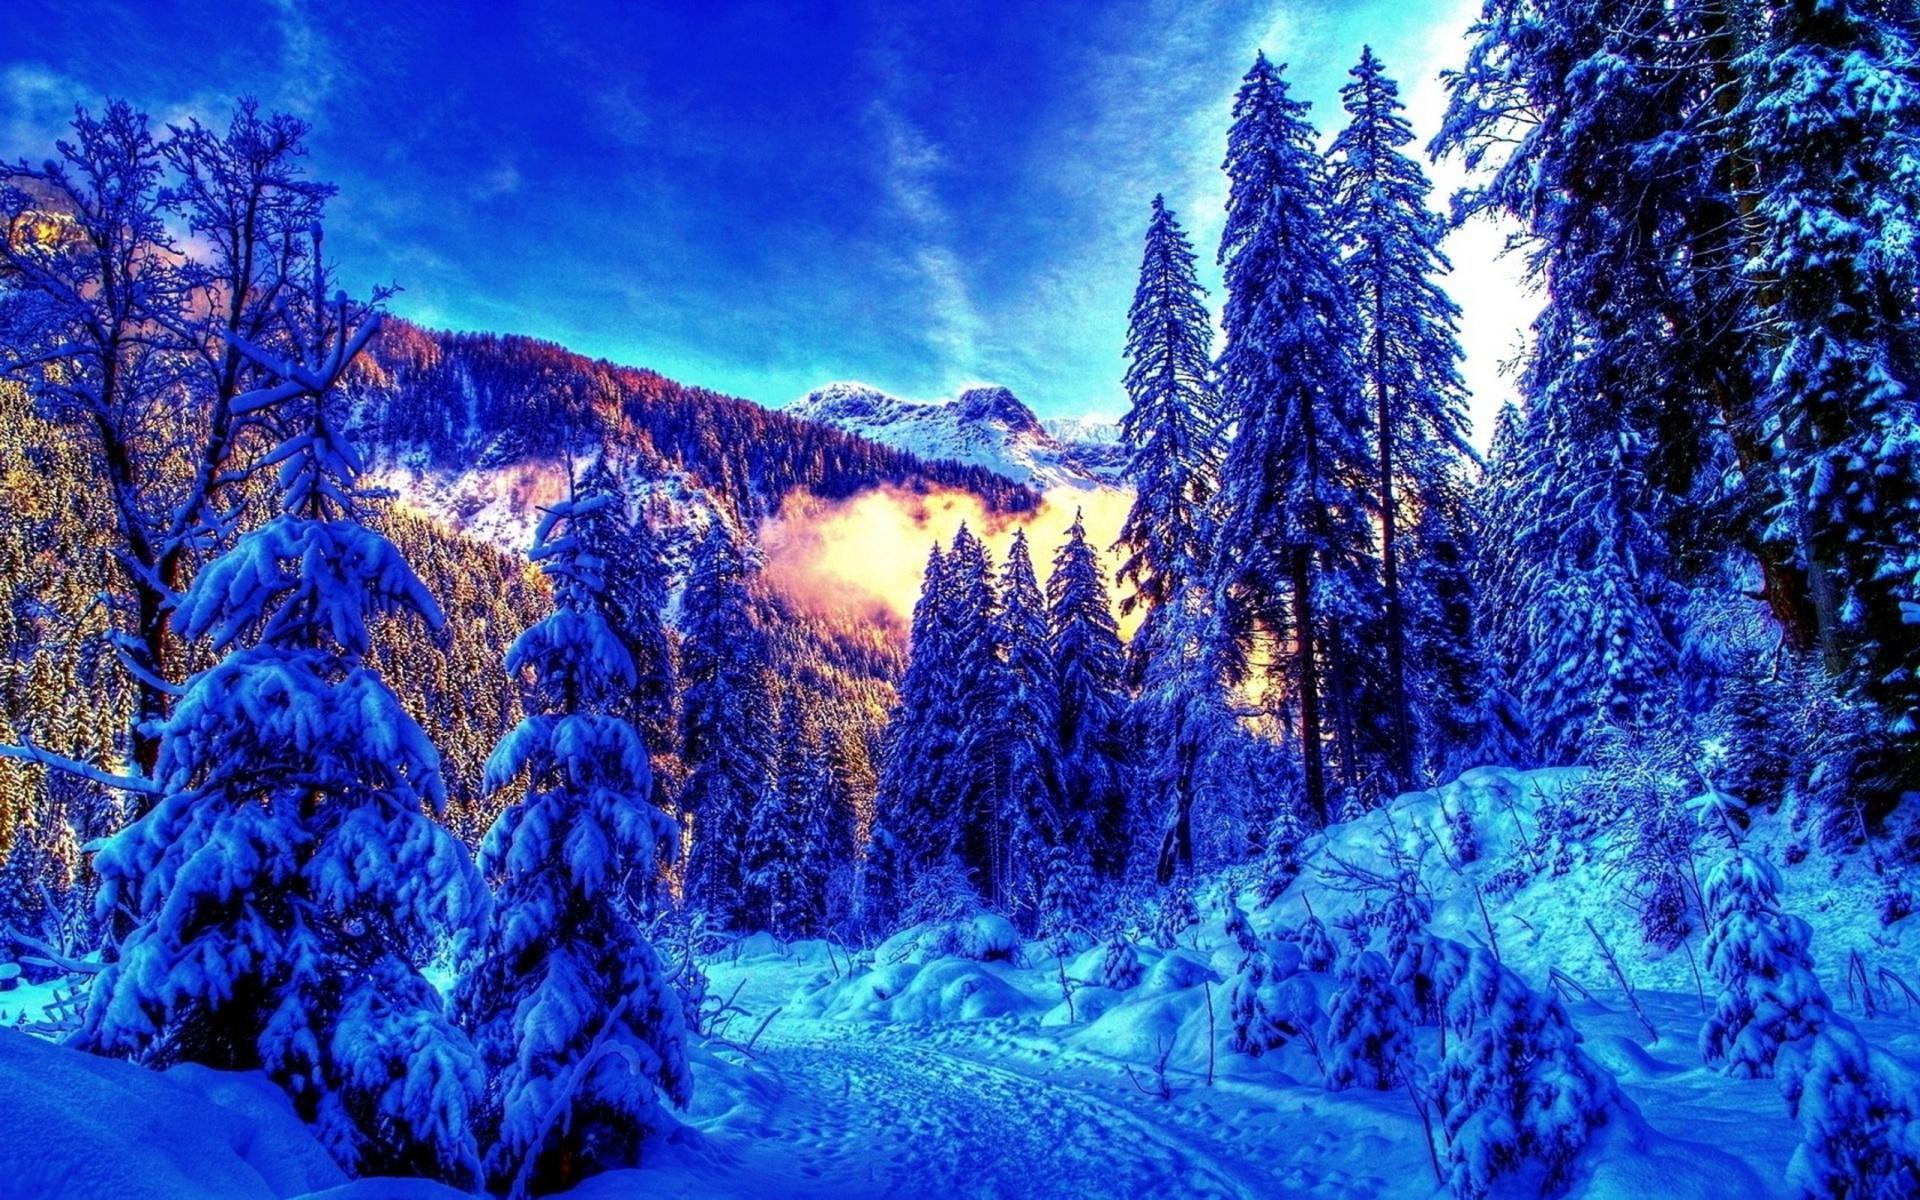 картинки на аву зимние красивые природа оказалось, из-за